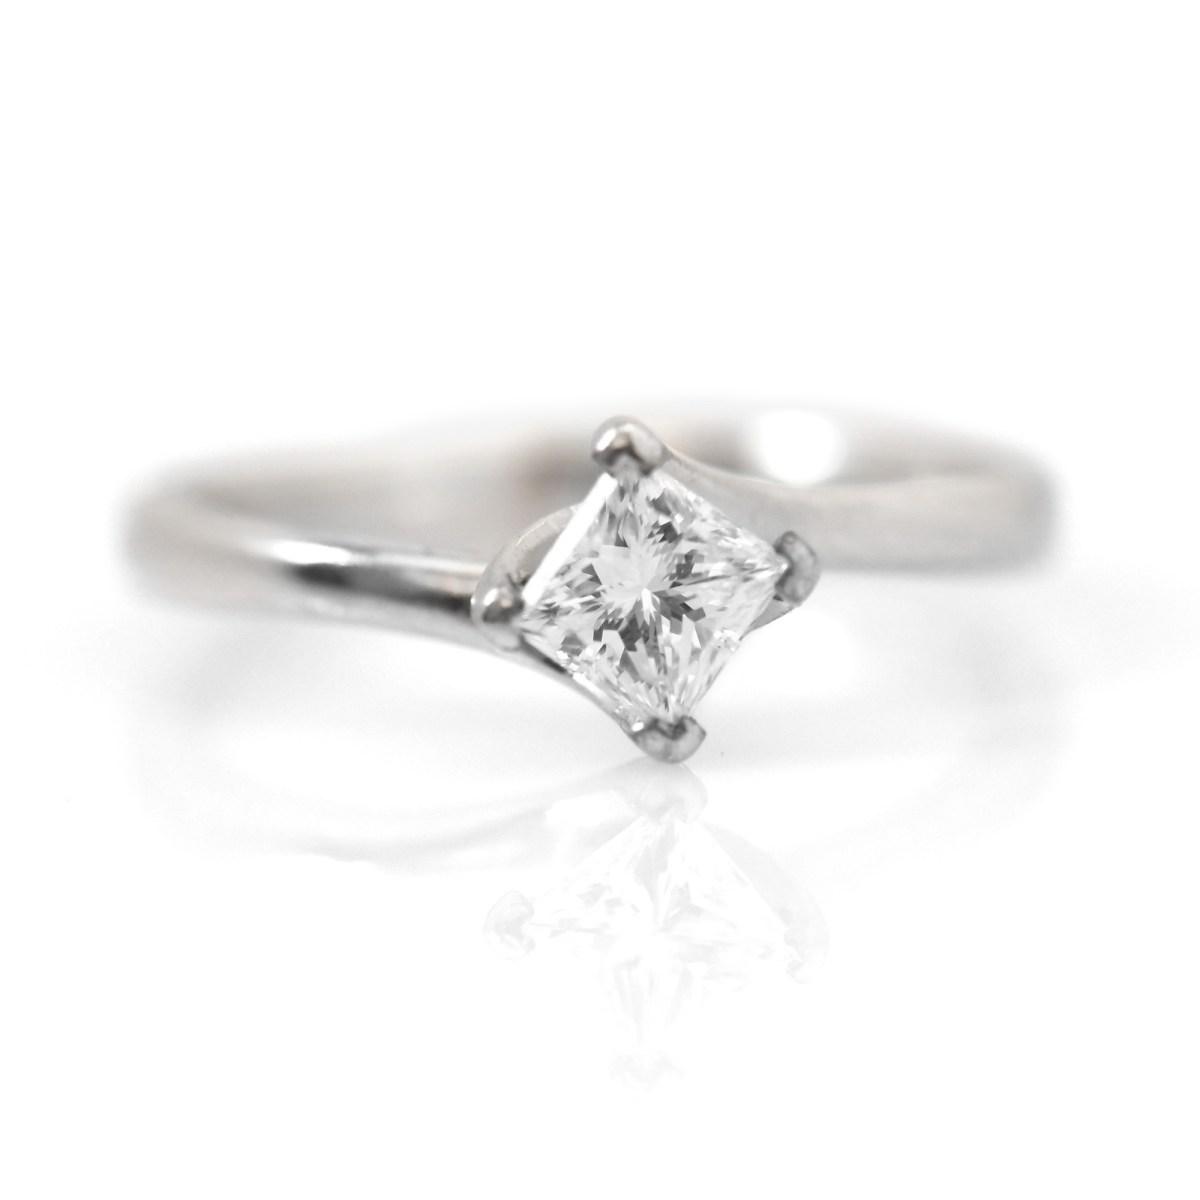 Solitaire Platine 4 Griffes Diamant Princesse   Référence : BA-B15044   EVENOR, Joaillerie, Bijoux Vintage